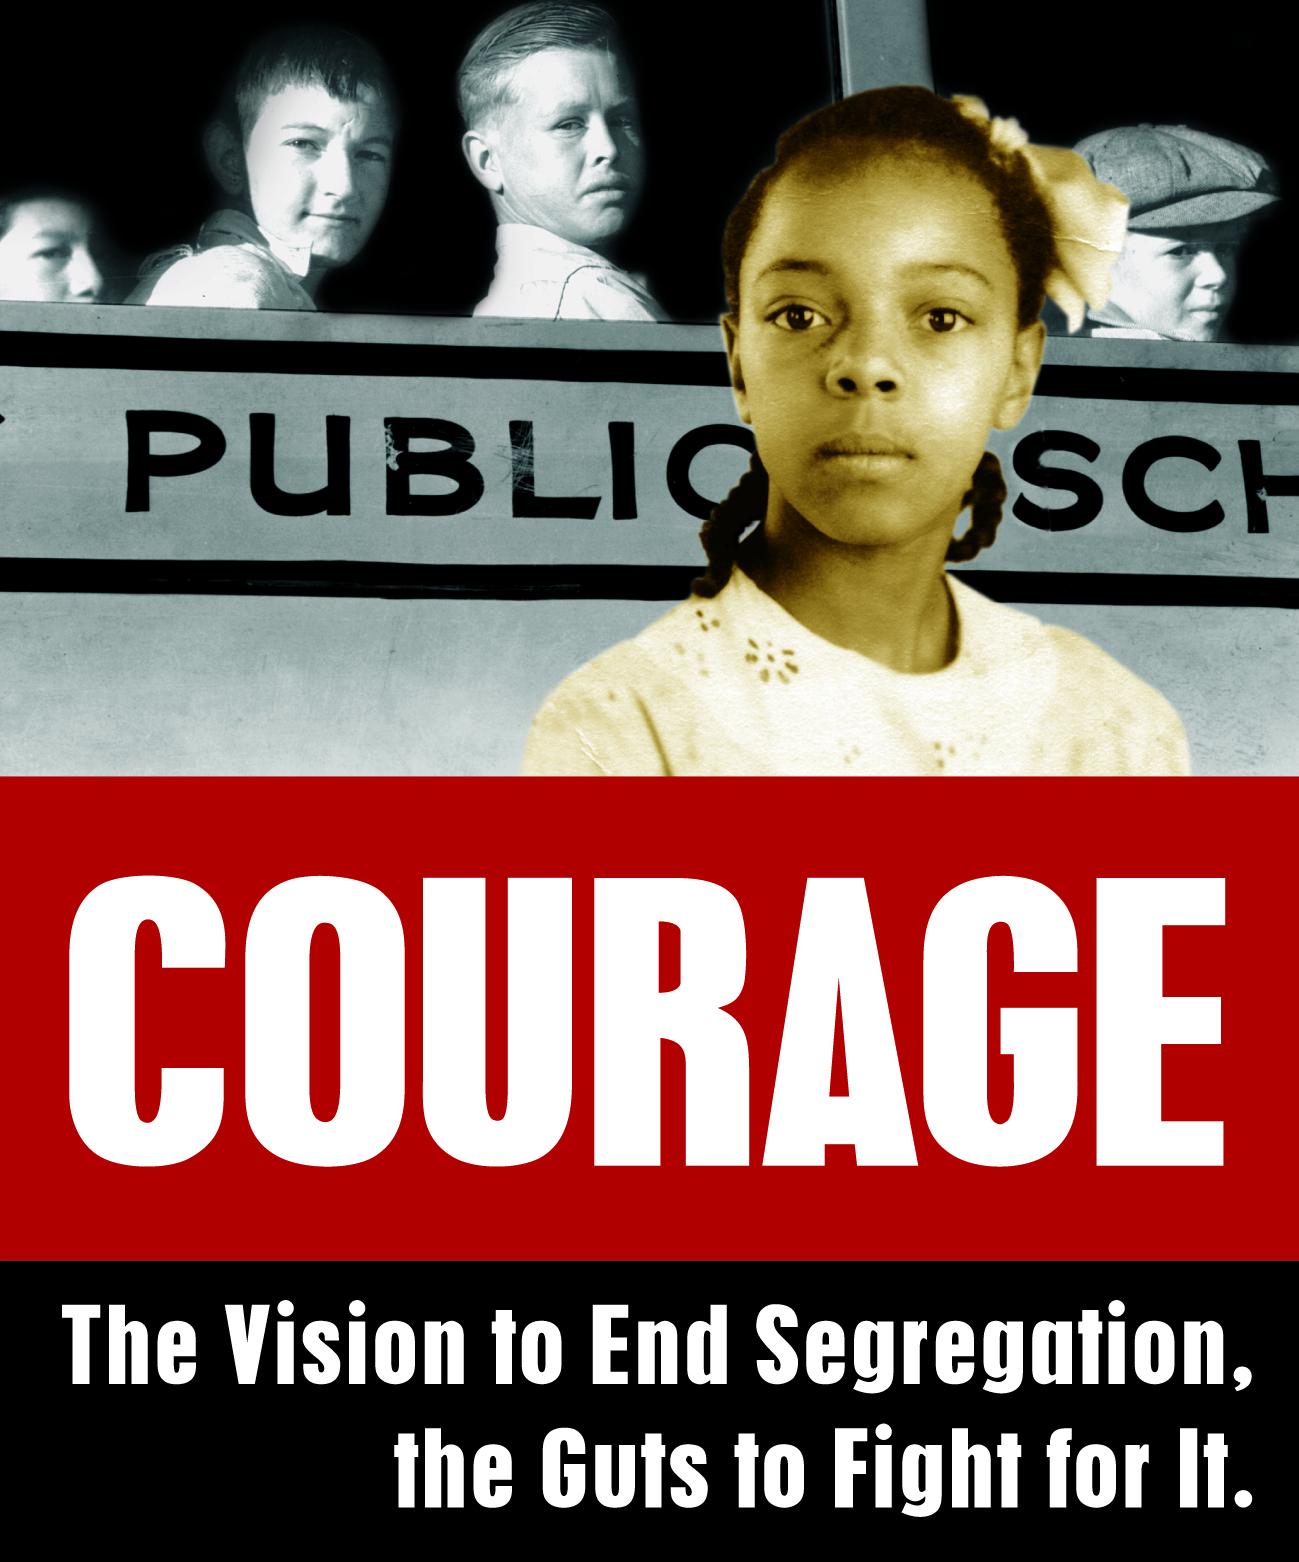 Courage Exhibit